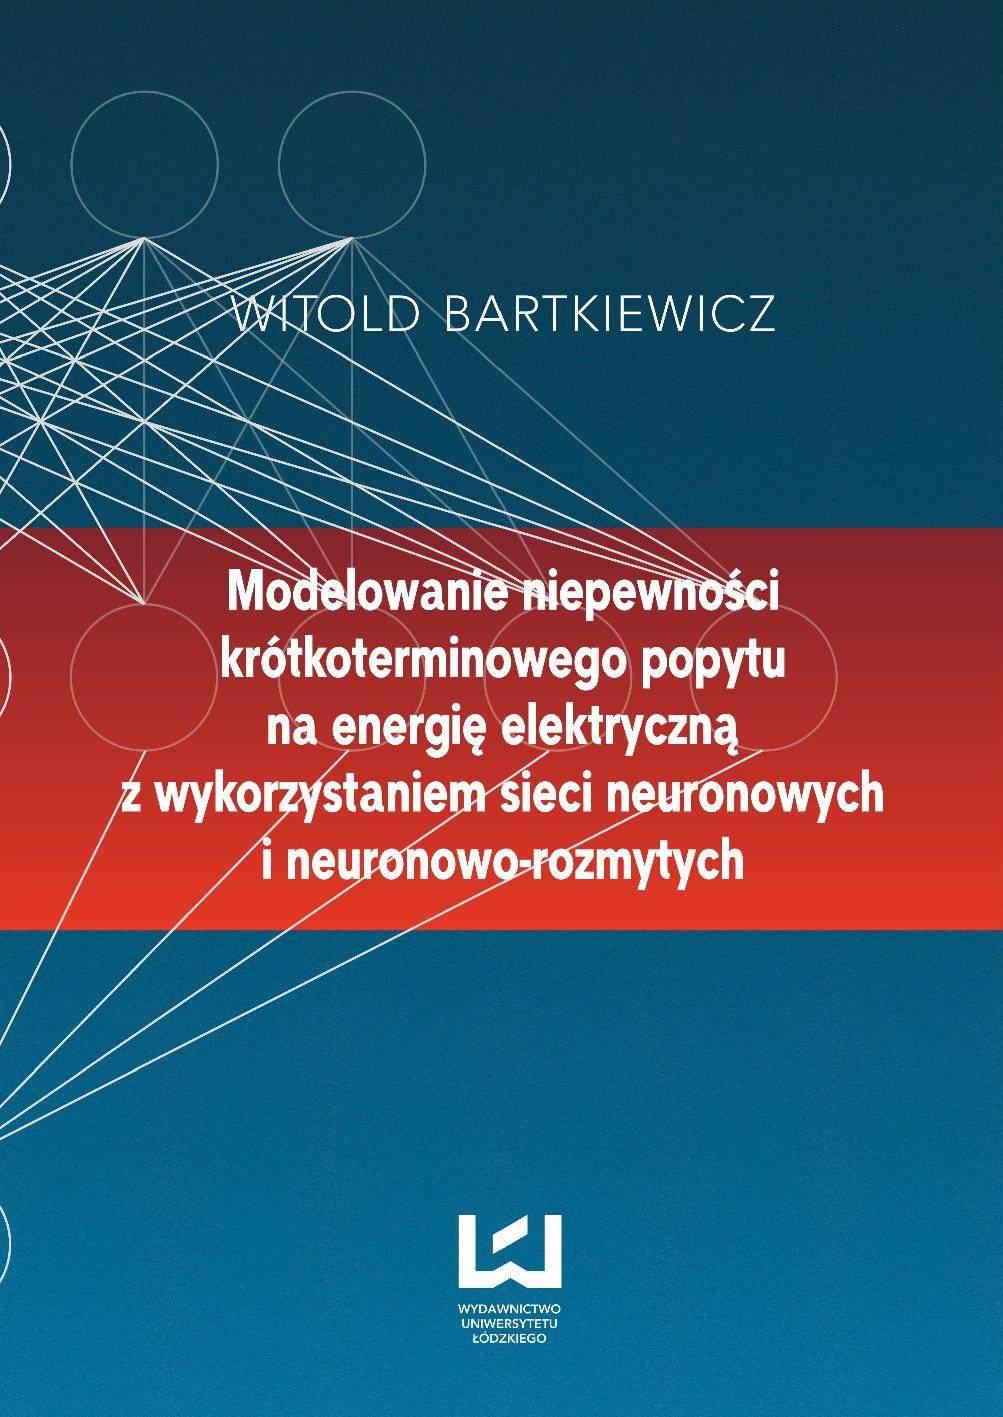 Modelowanie niepewności krótkoterminowego popytu na energię elektryczną z wykorzystaniem sieci neuronowych i neuronowo-rozmytych - Ebook (Książka PDF) do pobrania w formacie PDF